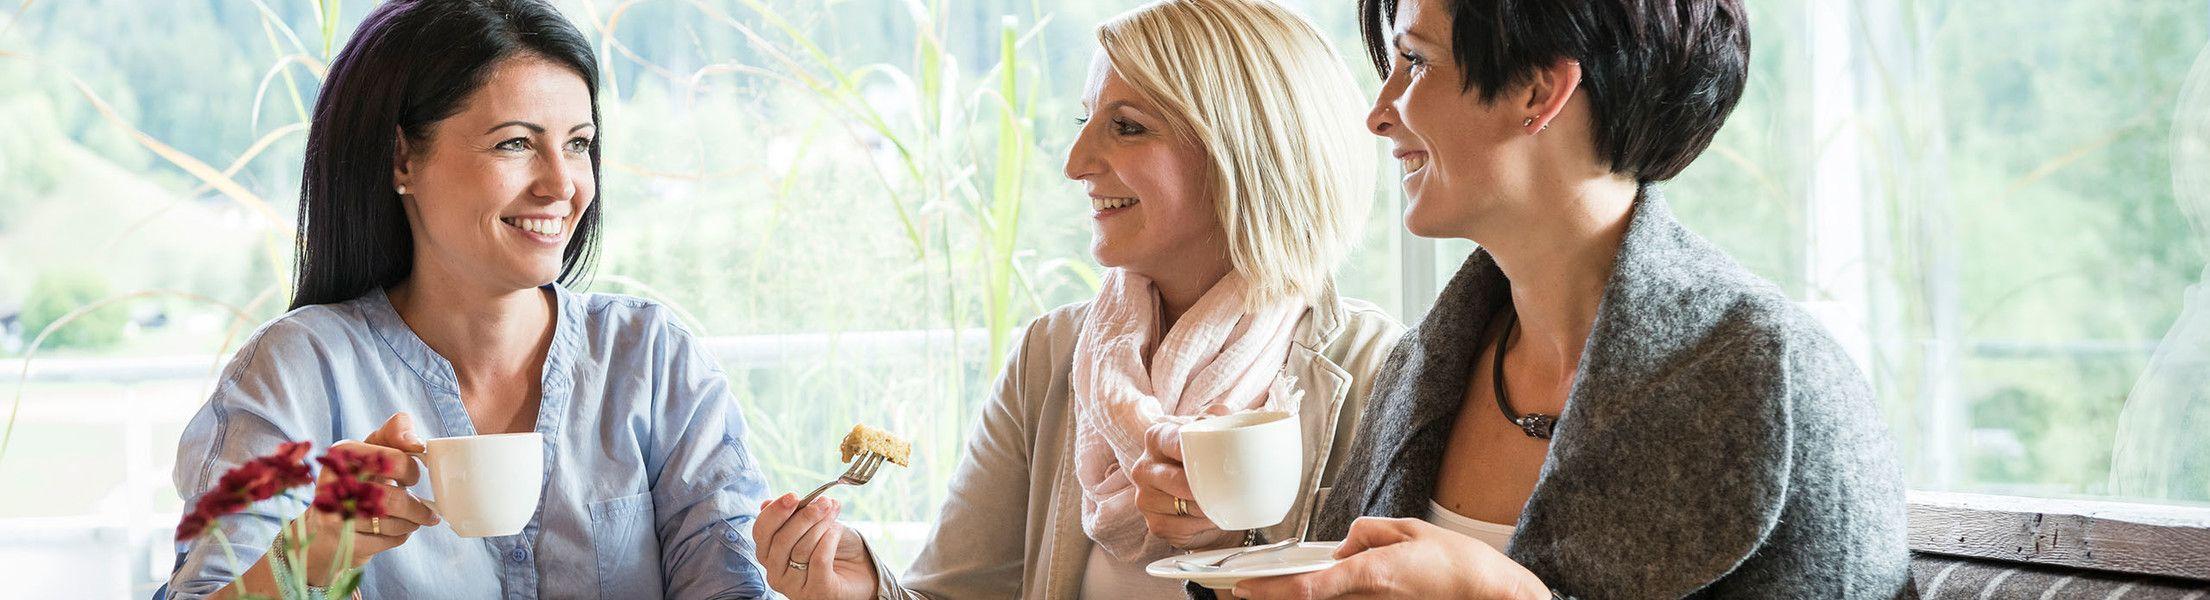 Freundinnen beim Kaffee in der Luxuslodge